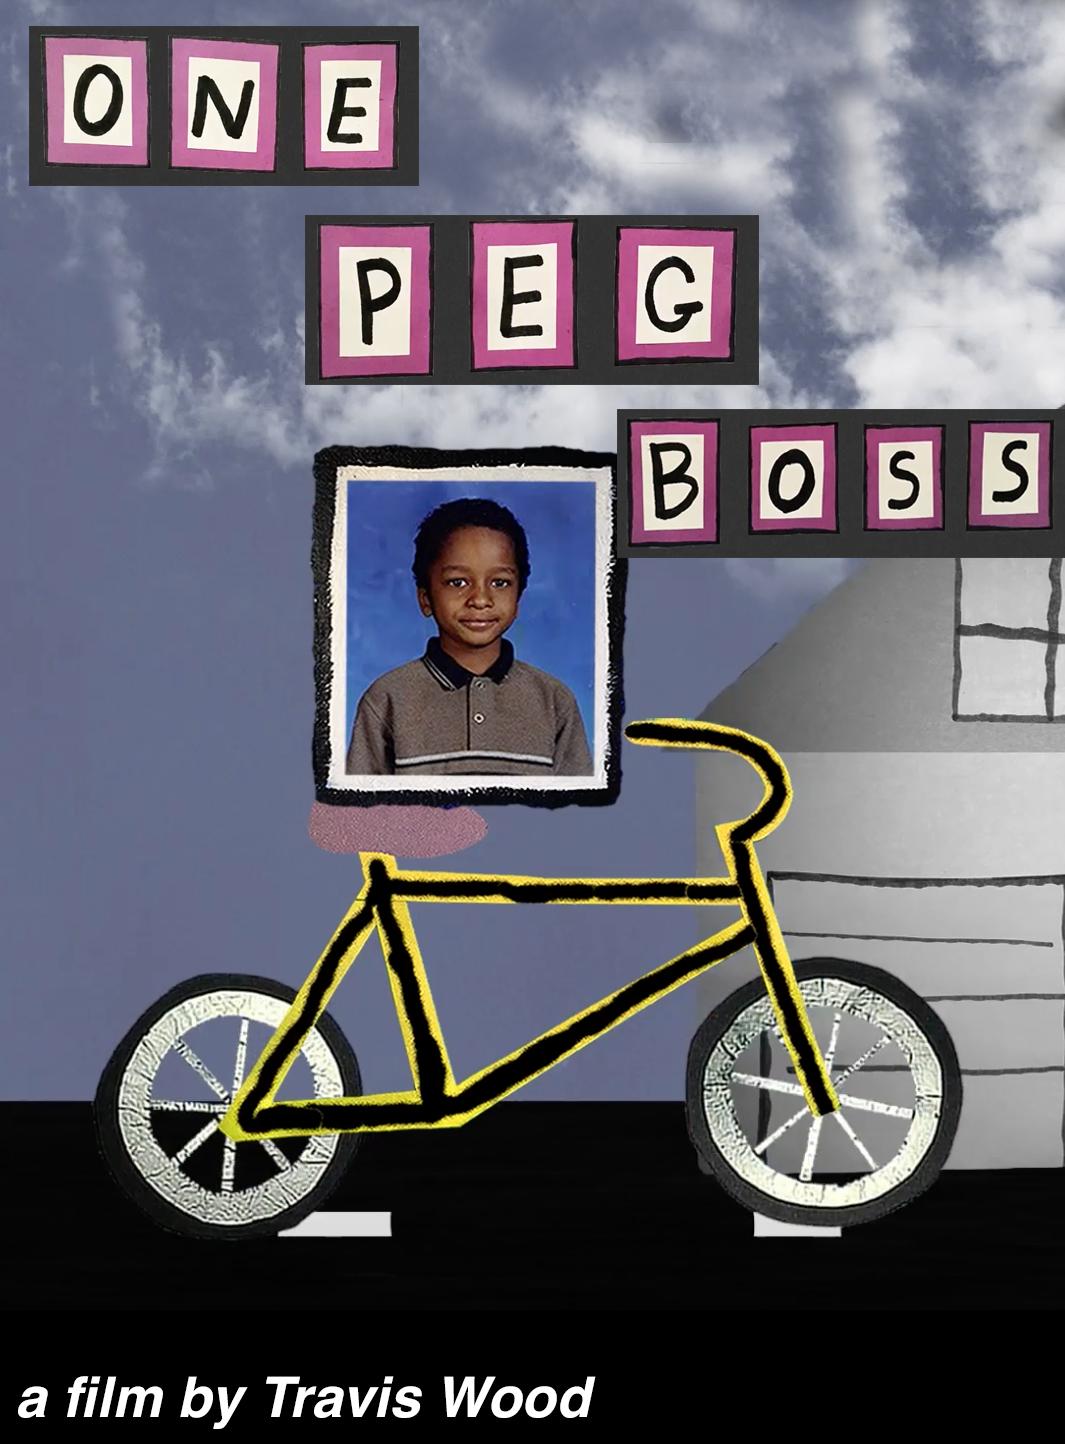 One Peg Boss